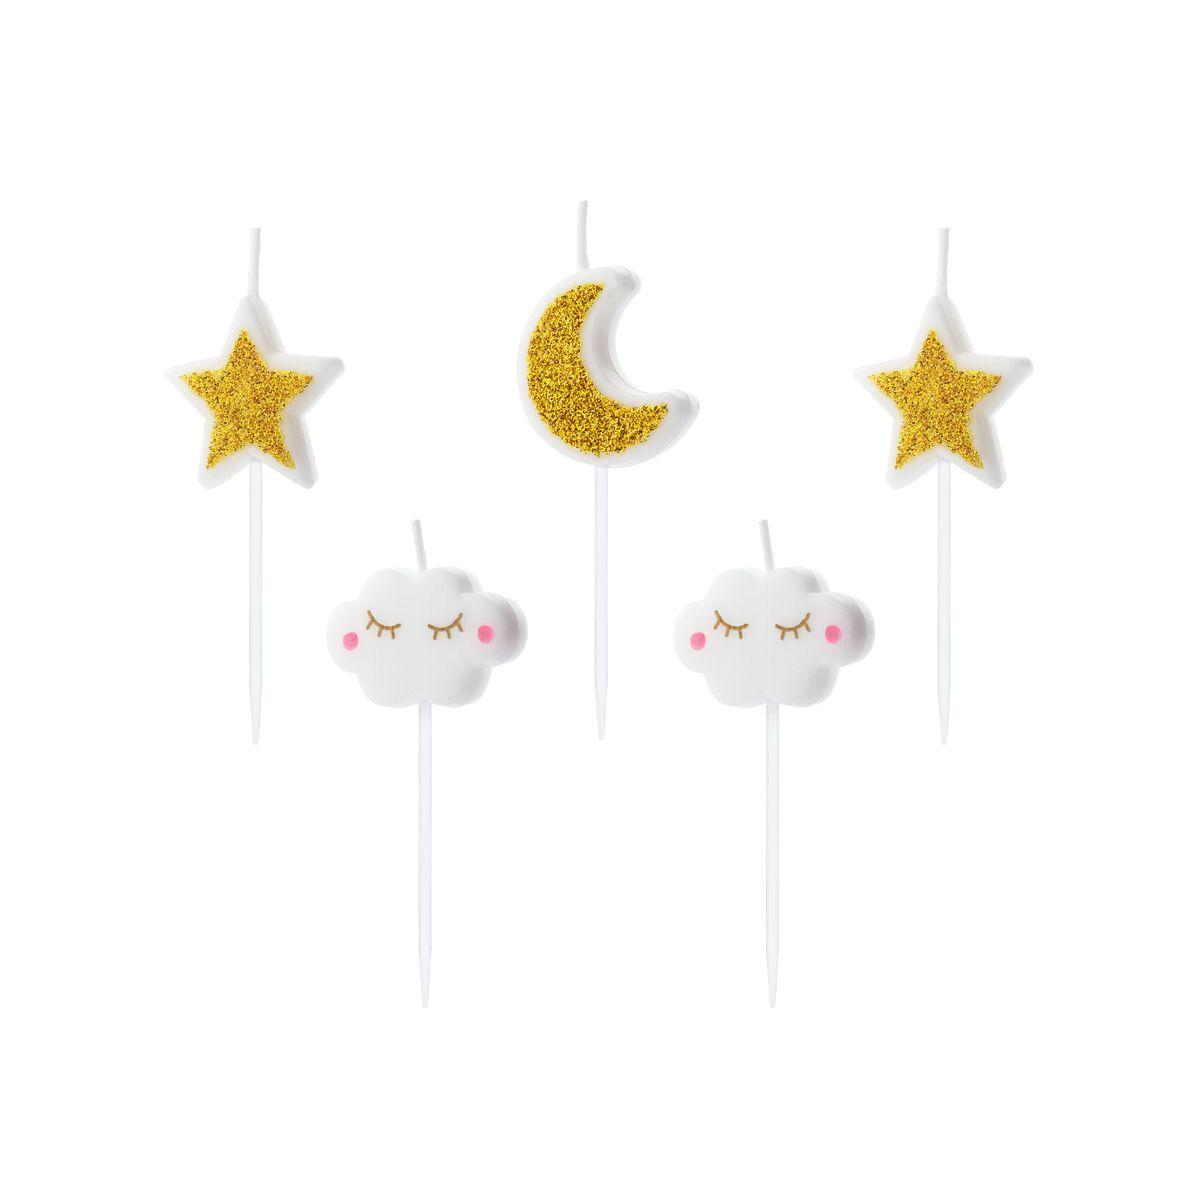 5 bougies : 2 nuages, 2 étoiles et 1 lune 2,5 cm - Party Deco